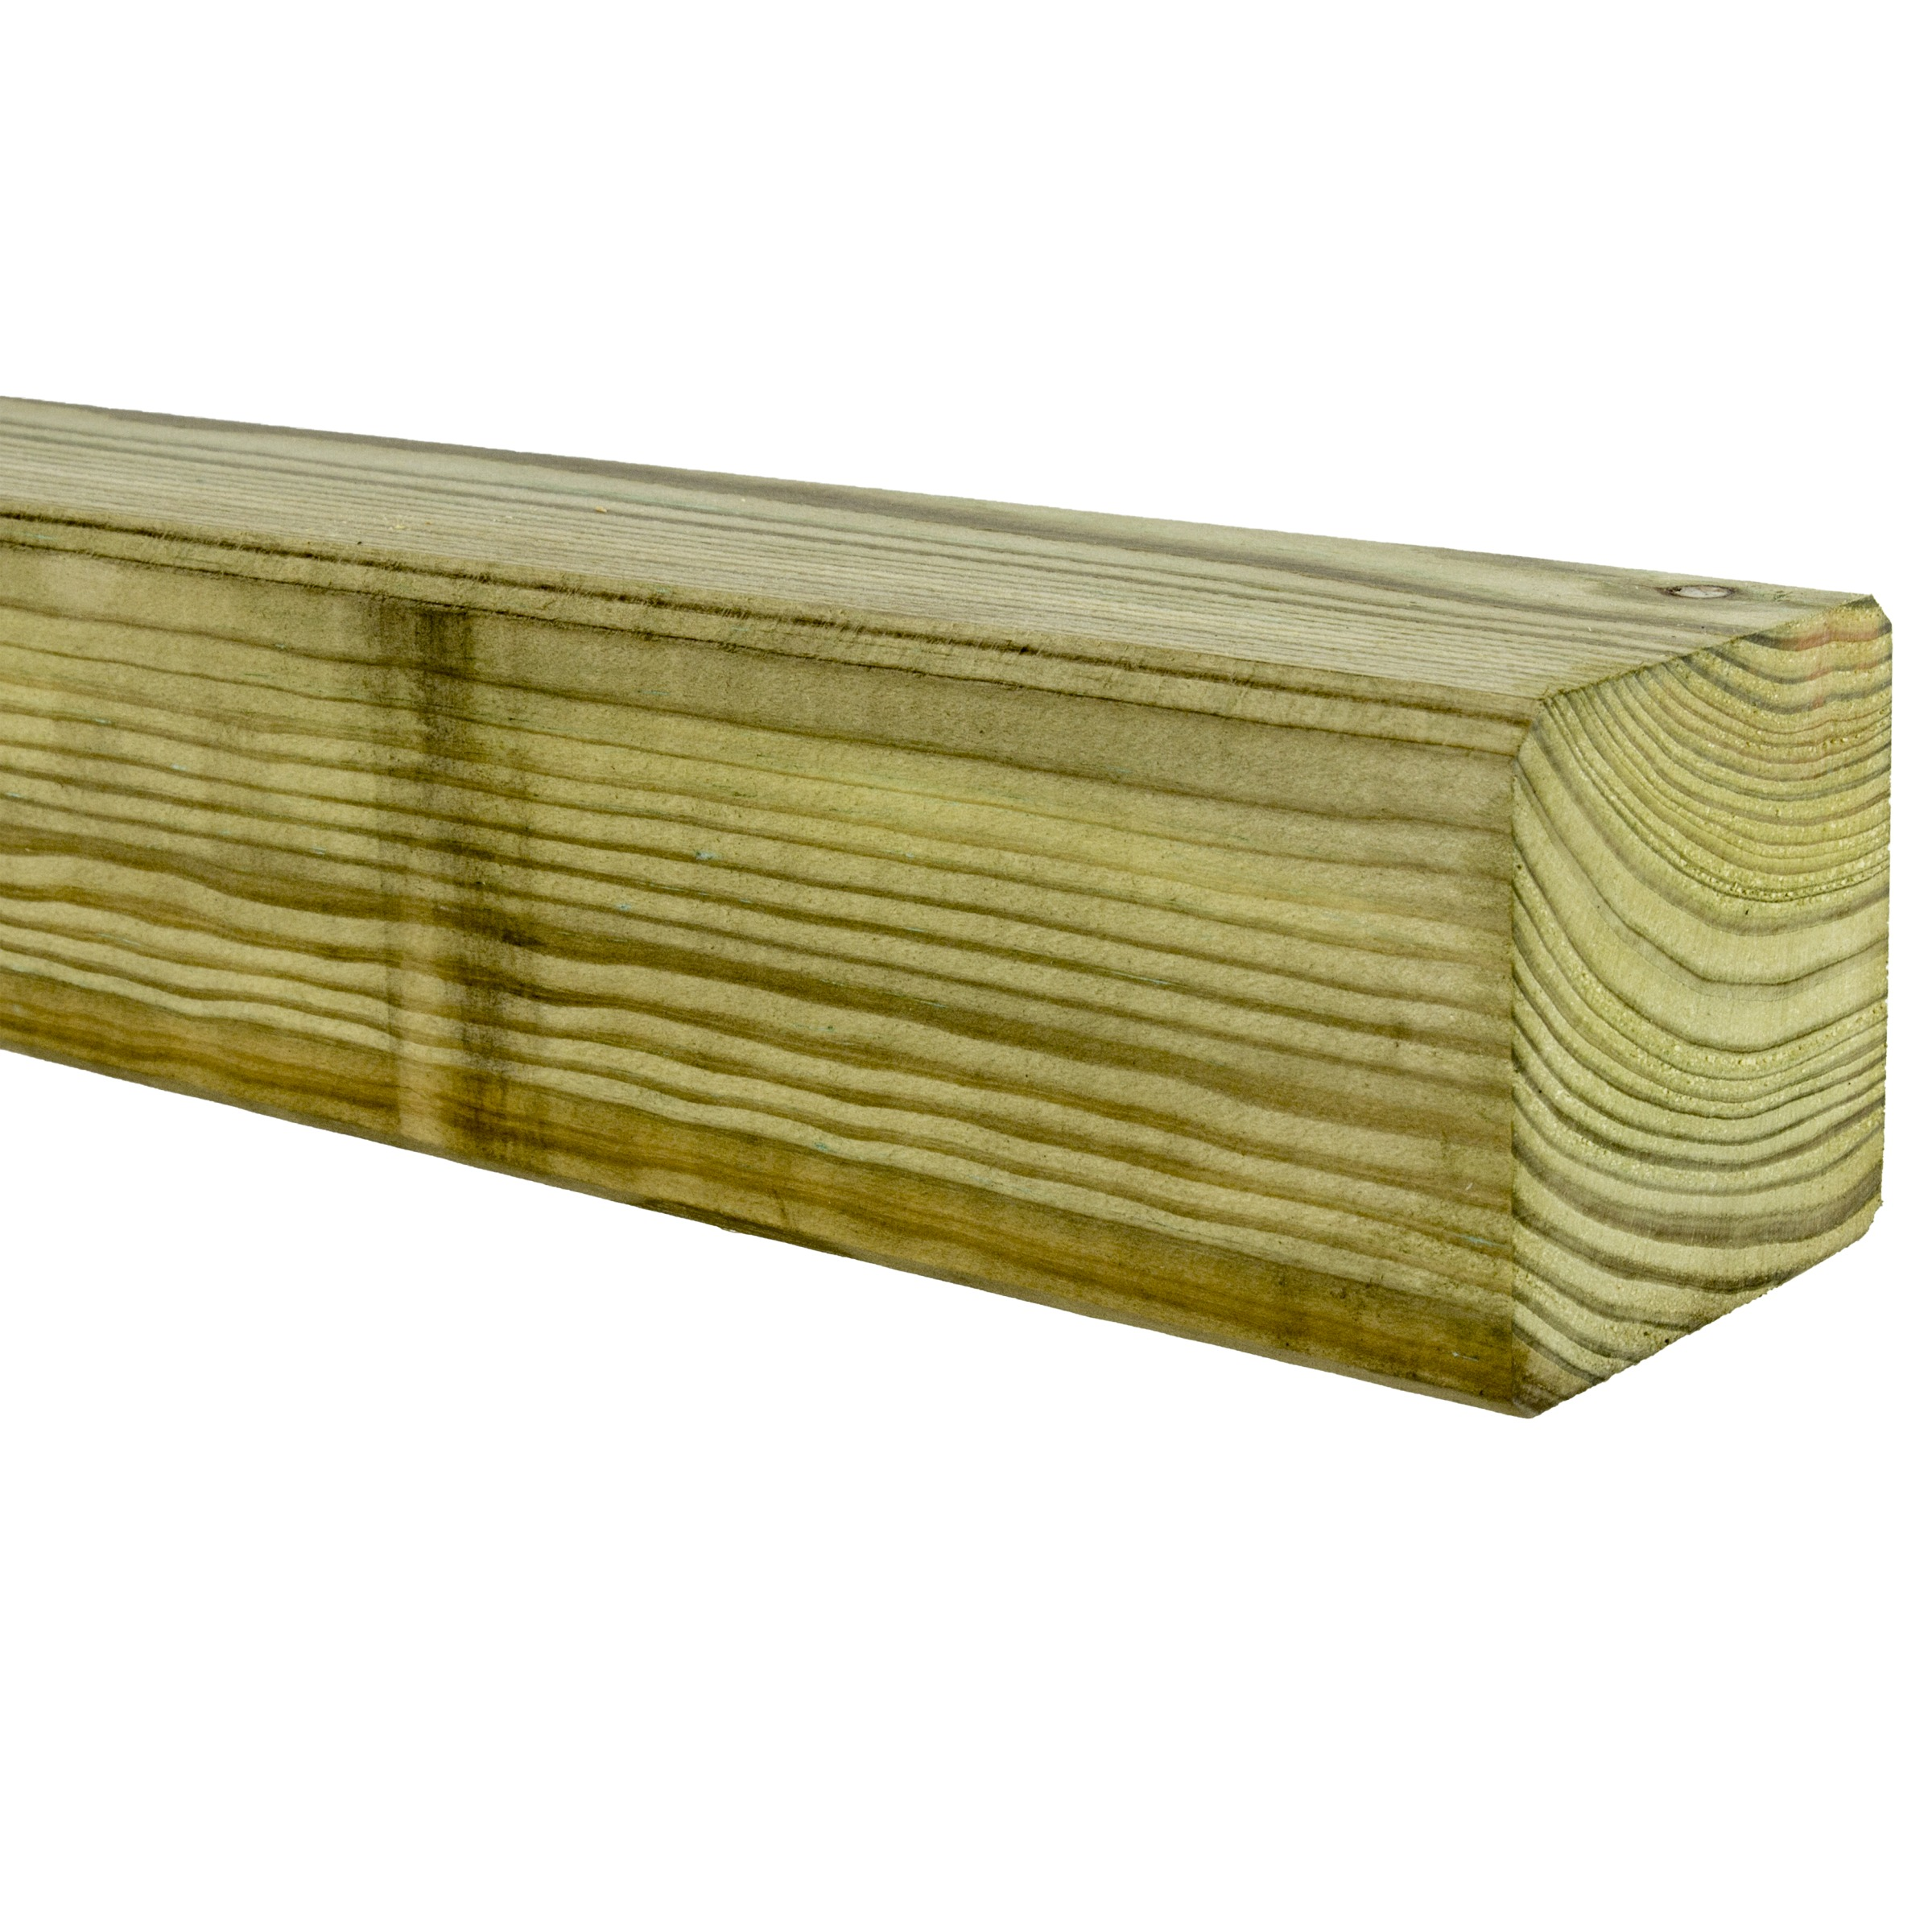 Tuinpaal geimpregneerd grenen 240x6,8x6,8 cm